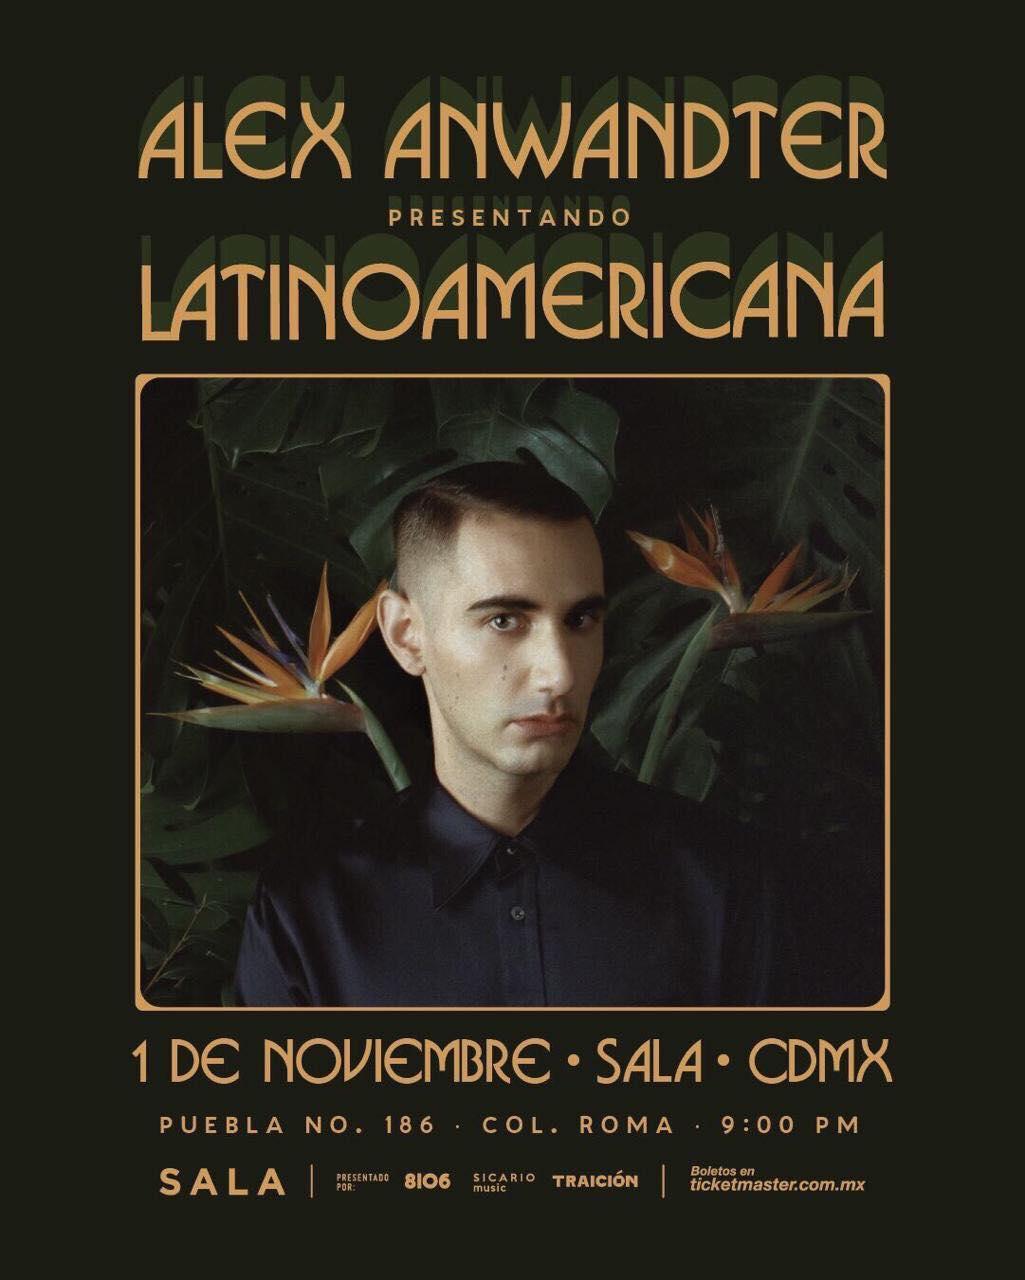 alex andwanter